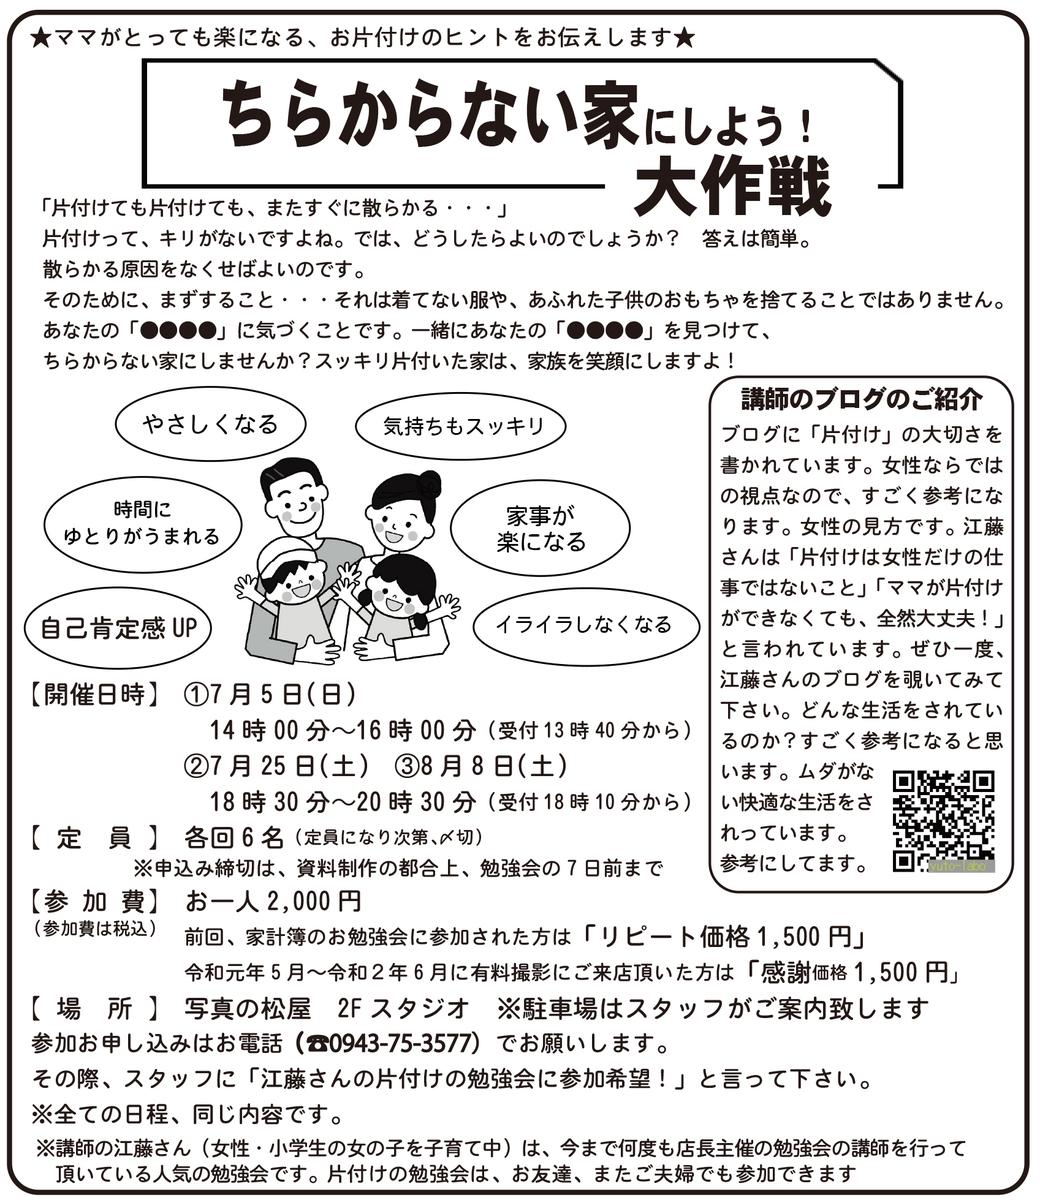 f:id:miraihenotanemaki:20200625160003j:plain